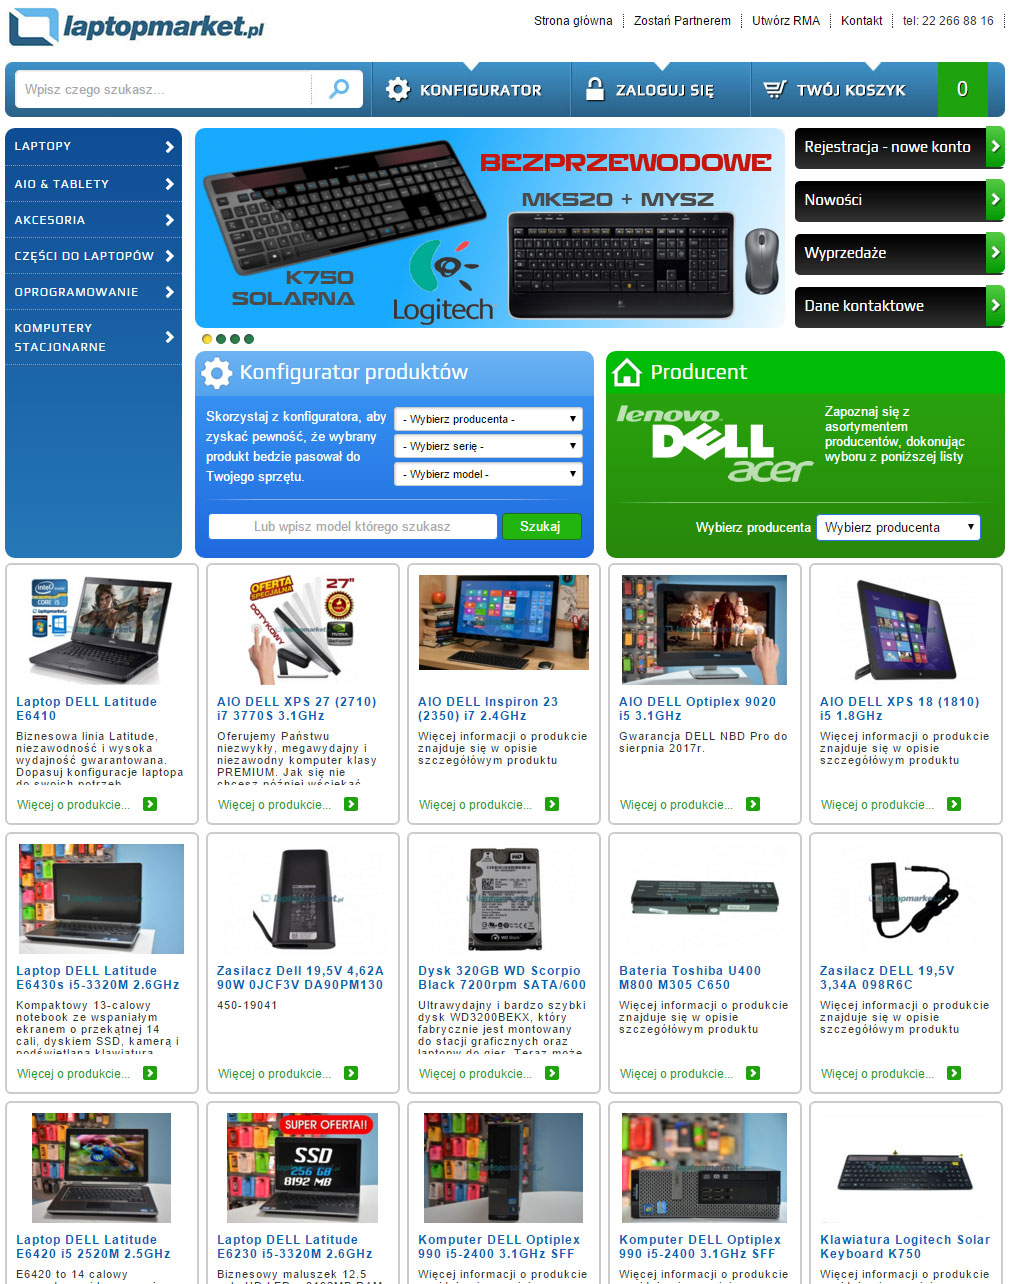 Laptopmarket.pl - części i akcesoria